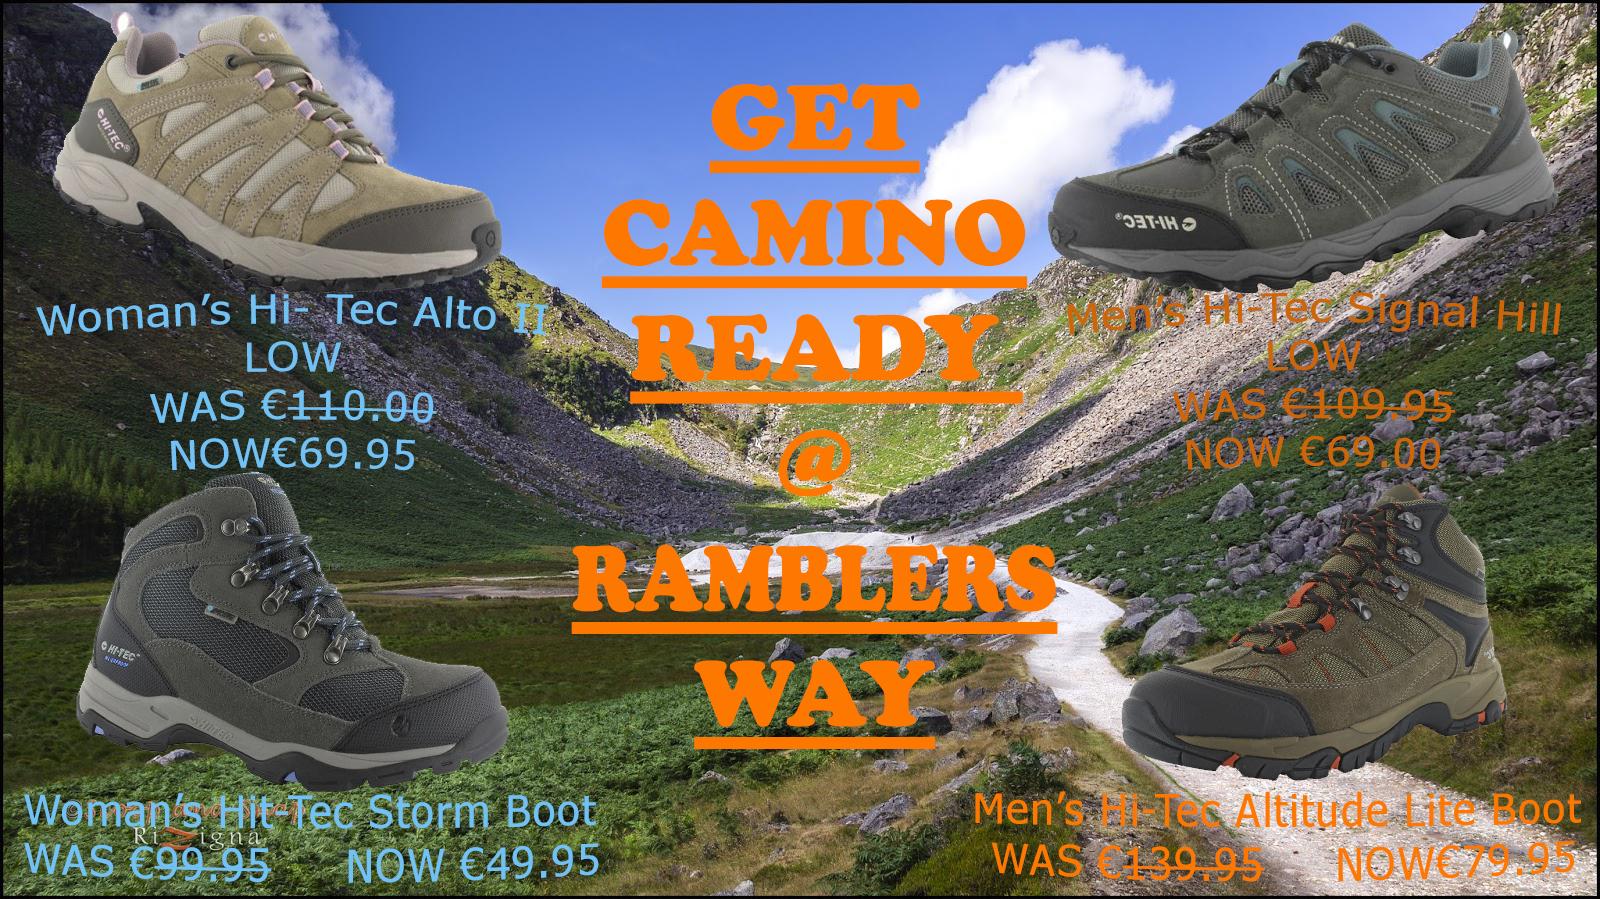 Get-Camino-.2